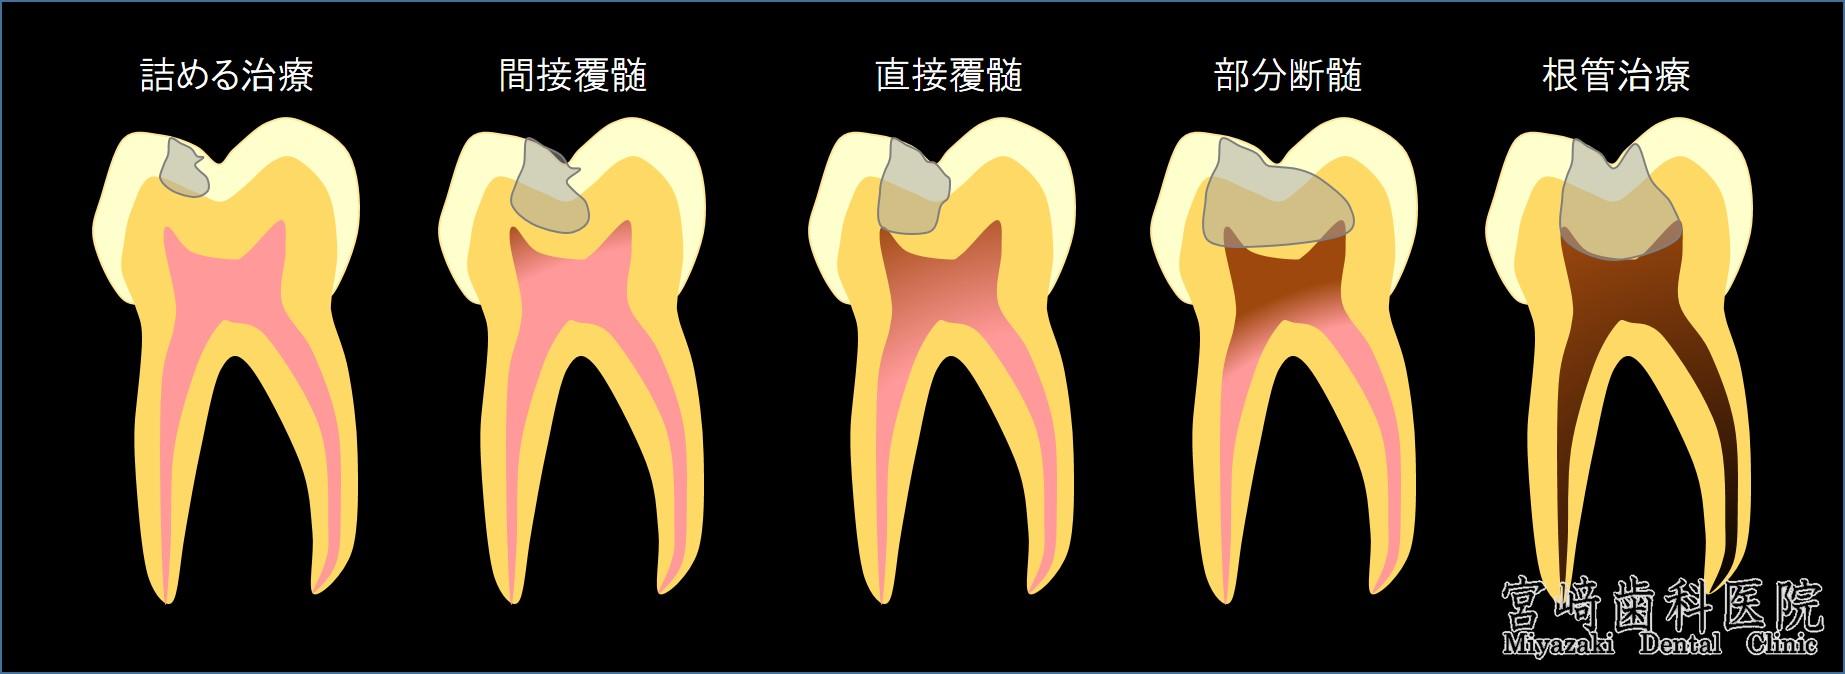 間接覆髄法 直接覆髄法 部分断髄法 根管治療 のむし歯の進行度合いを図で説明